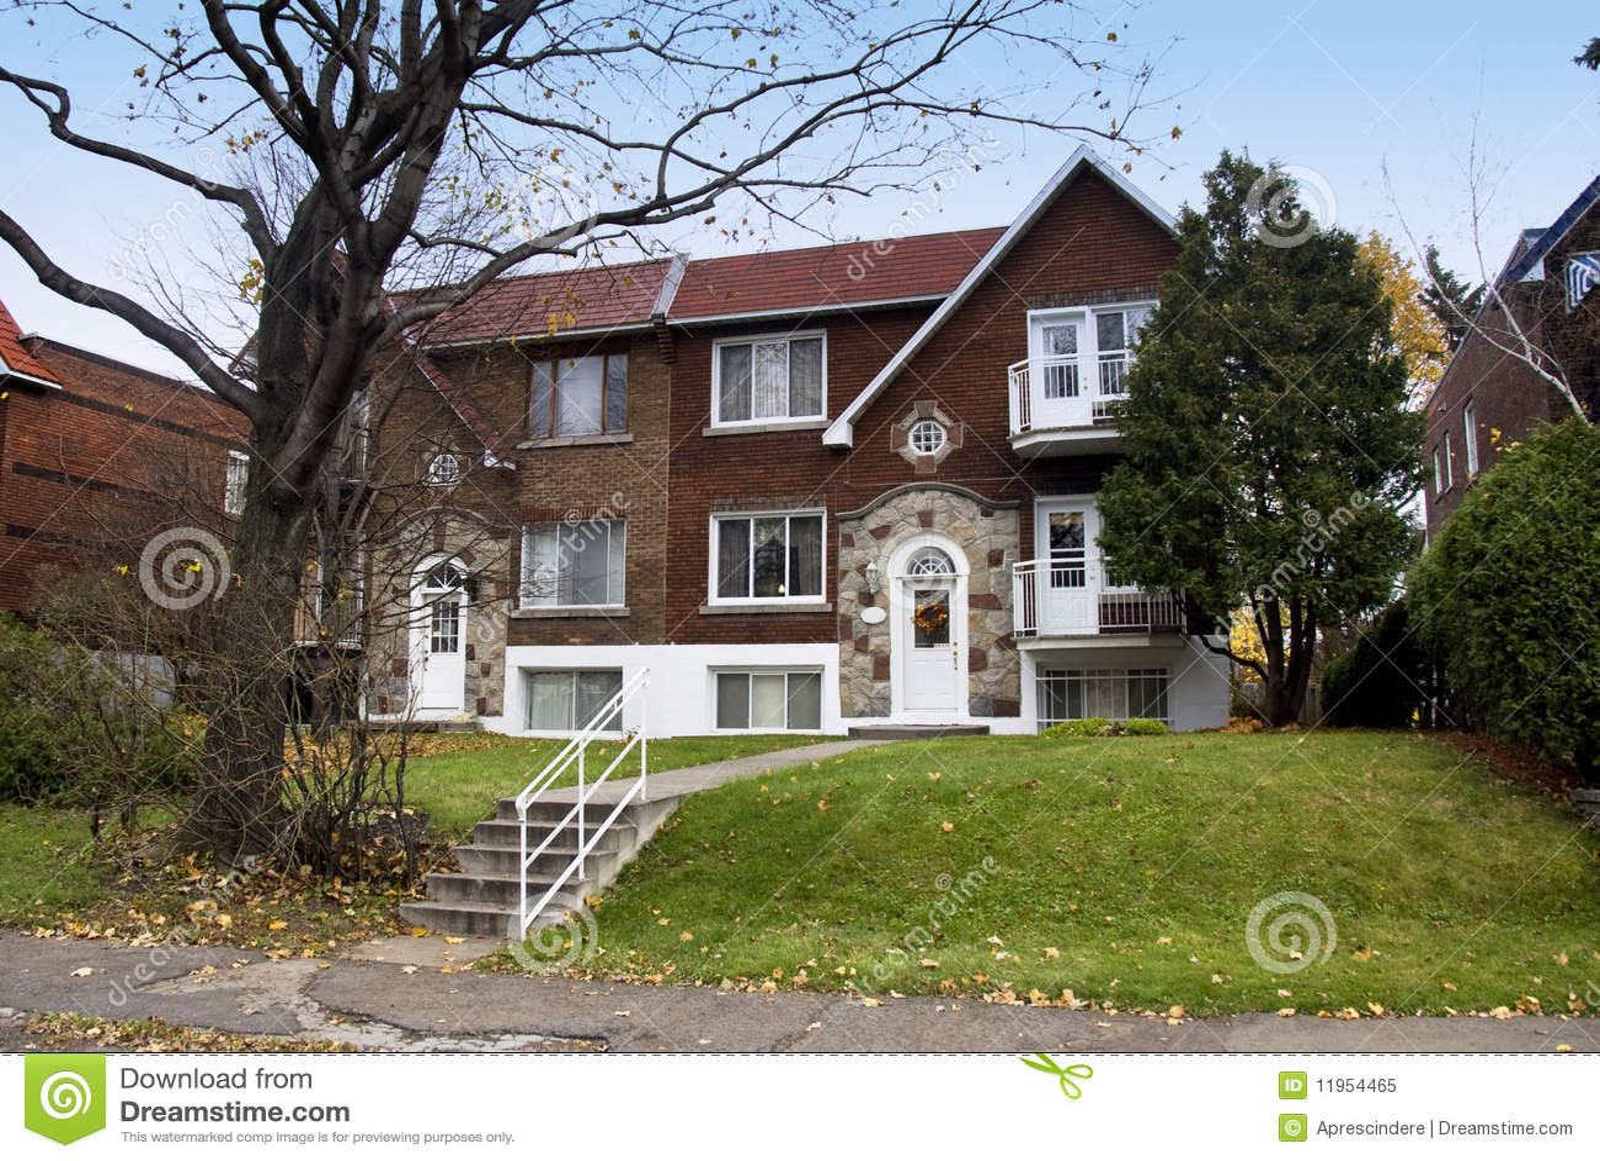 Uma Casa Canadense Foto de Stock Royalty Free Imagem: 11954465 #2964A2 1300x960 Banheiro Canadense